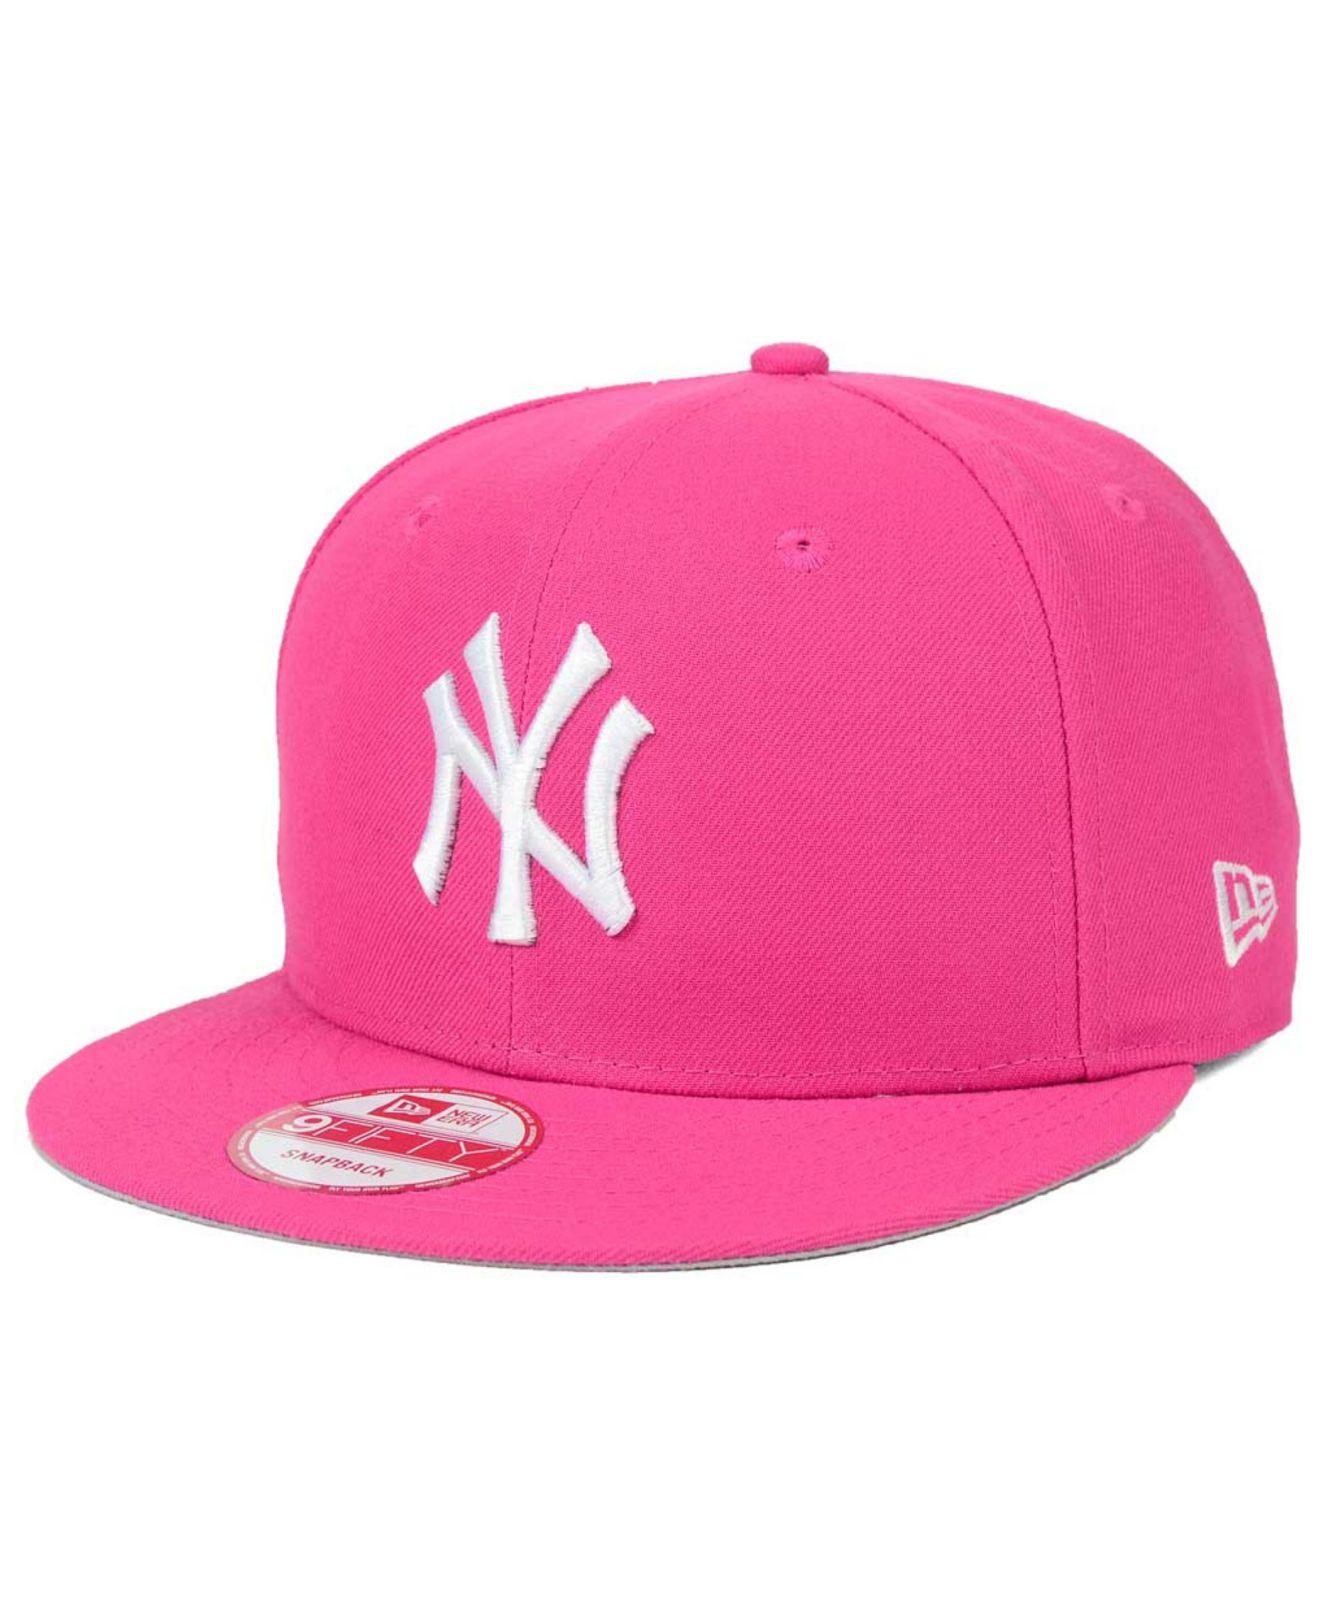 aade7456 italy new york yankees cap pink victoria de3f6 52c77